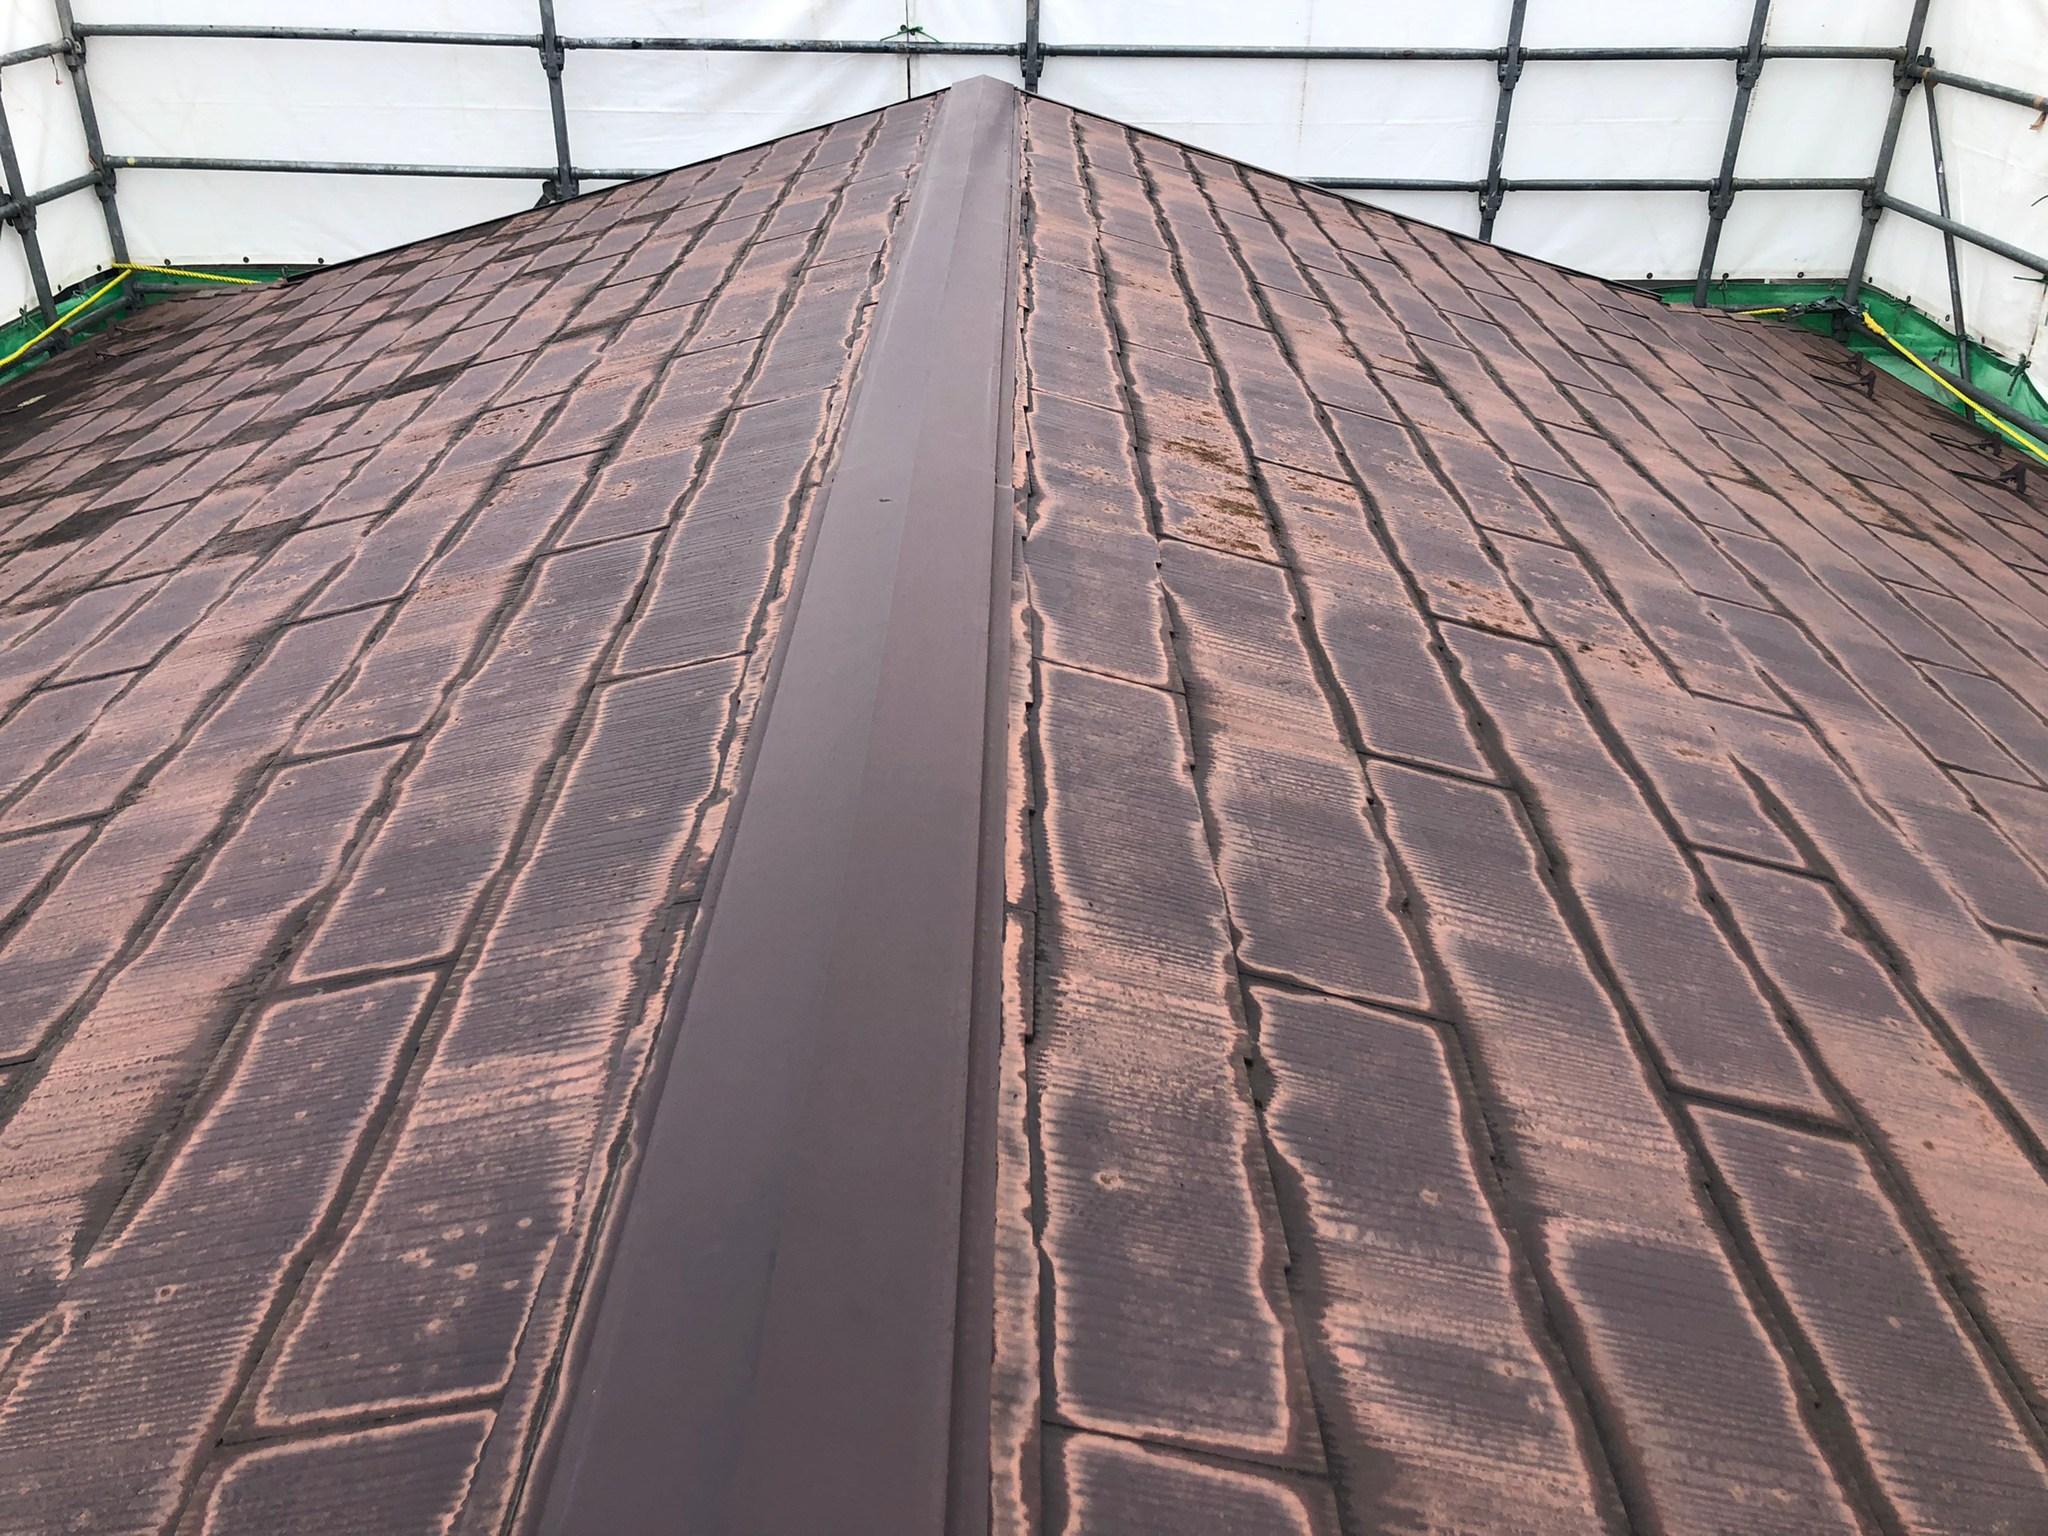 塩釜市で屋根の葺き替え中 コロニアルから金属屋根へ